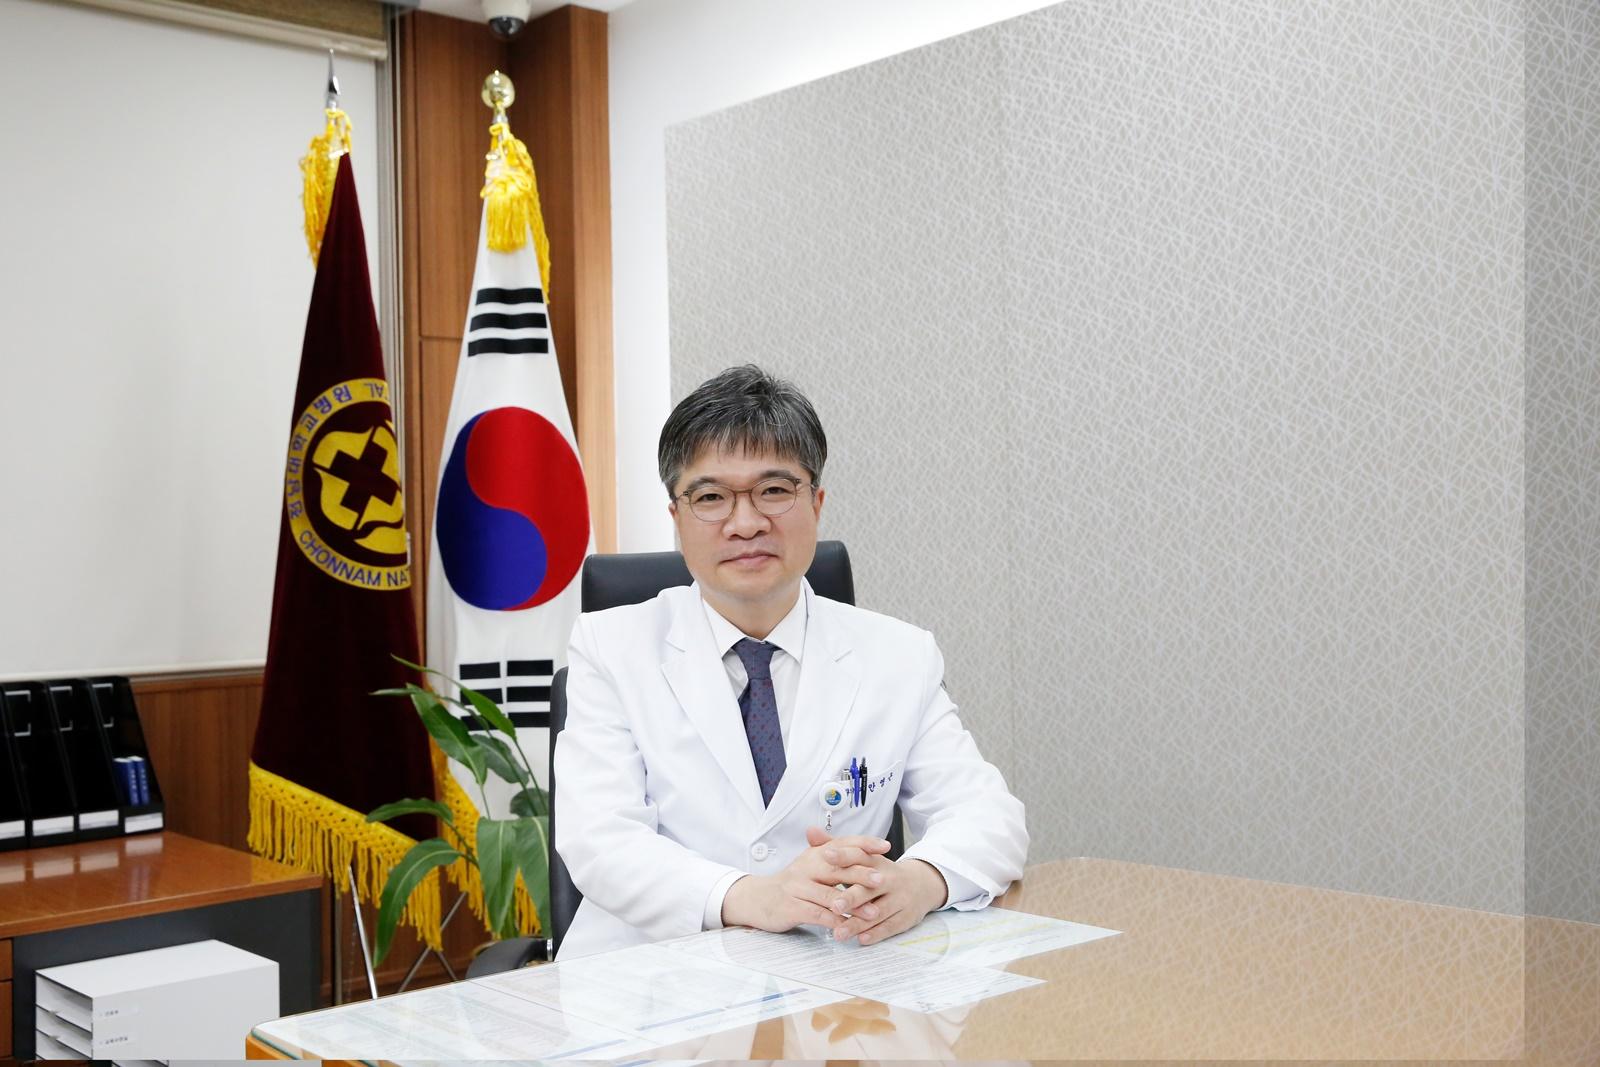 인터뷰) 안영근 전남대병원장